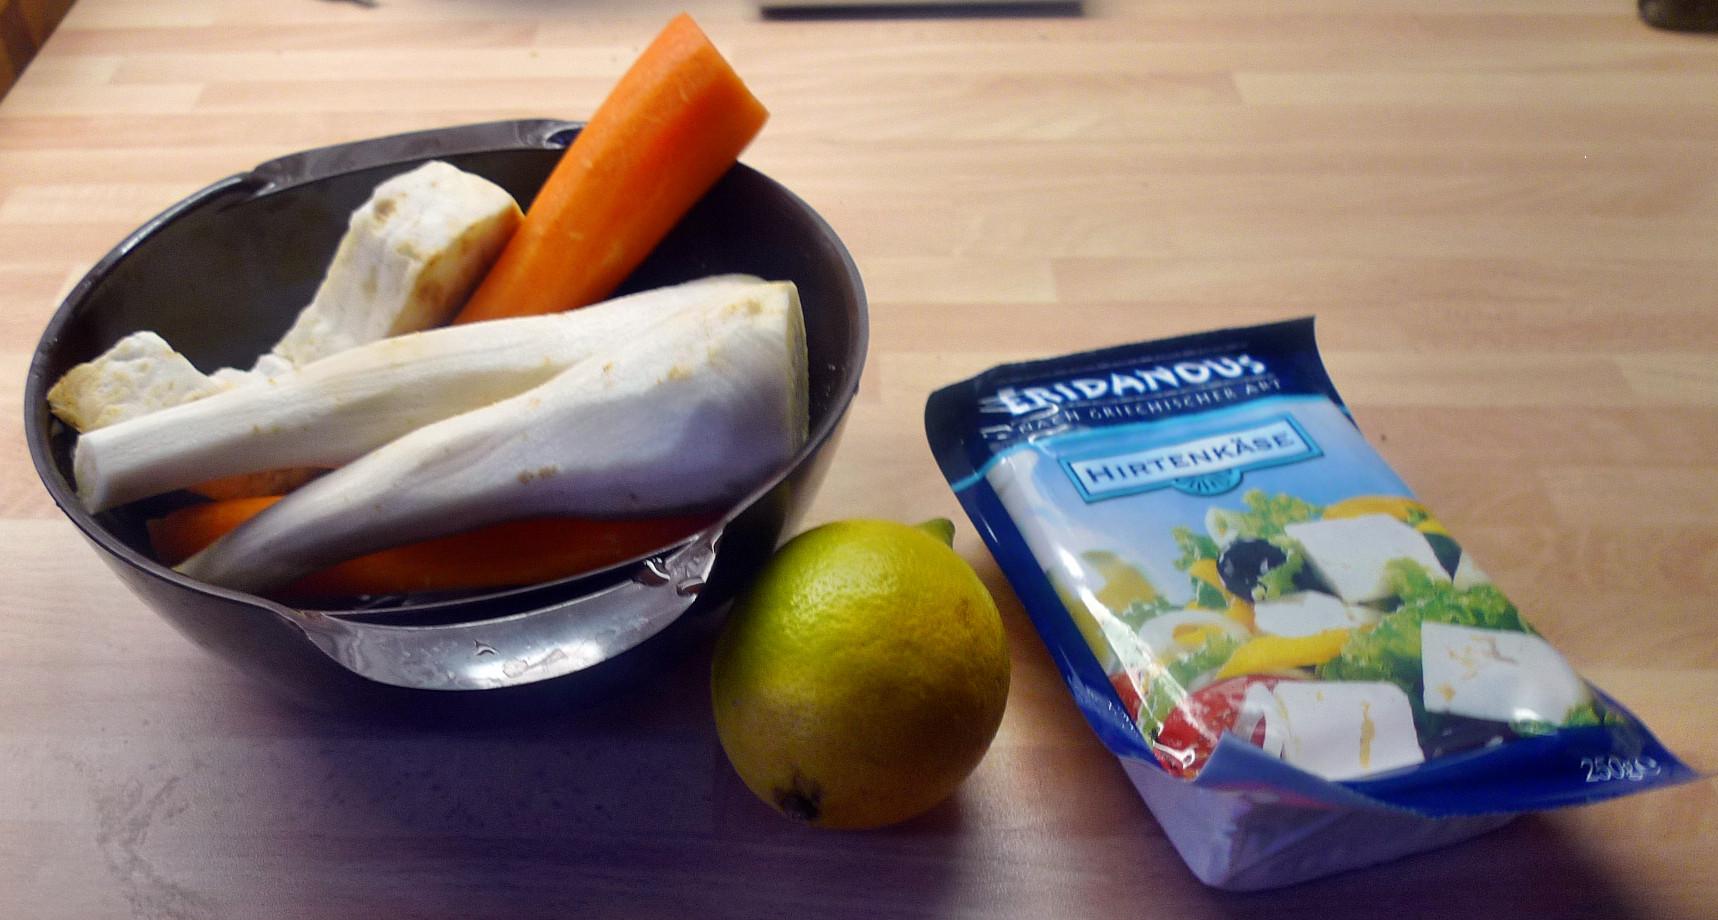 Buchweizenpfannkuchen mit Gemüsefüllung - 1.2.15   (1a)